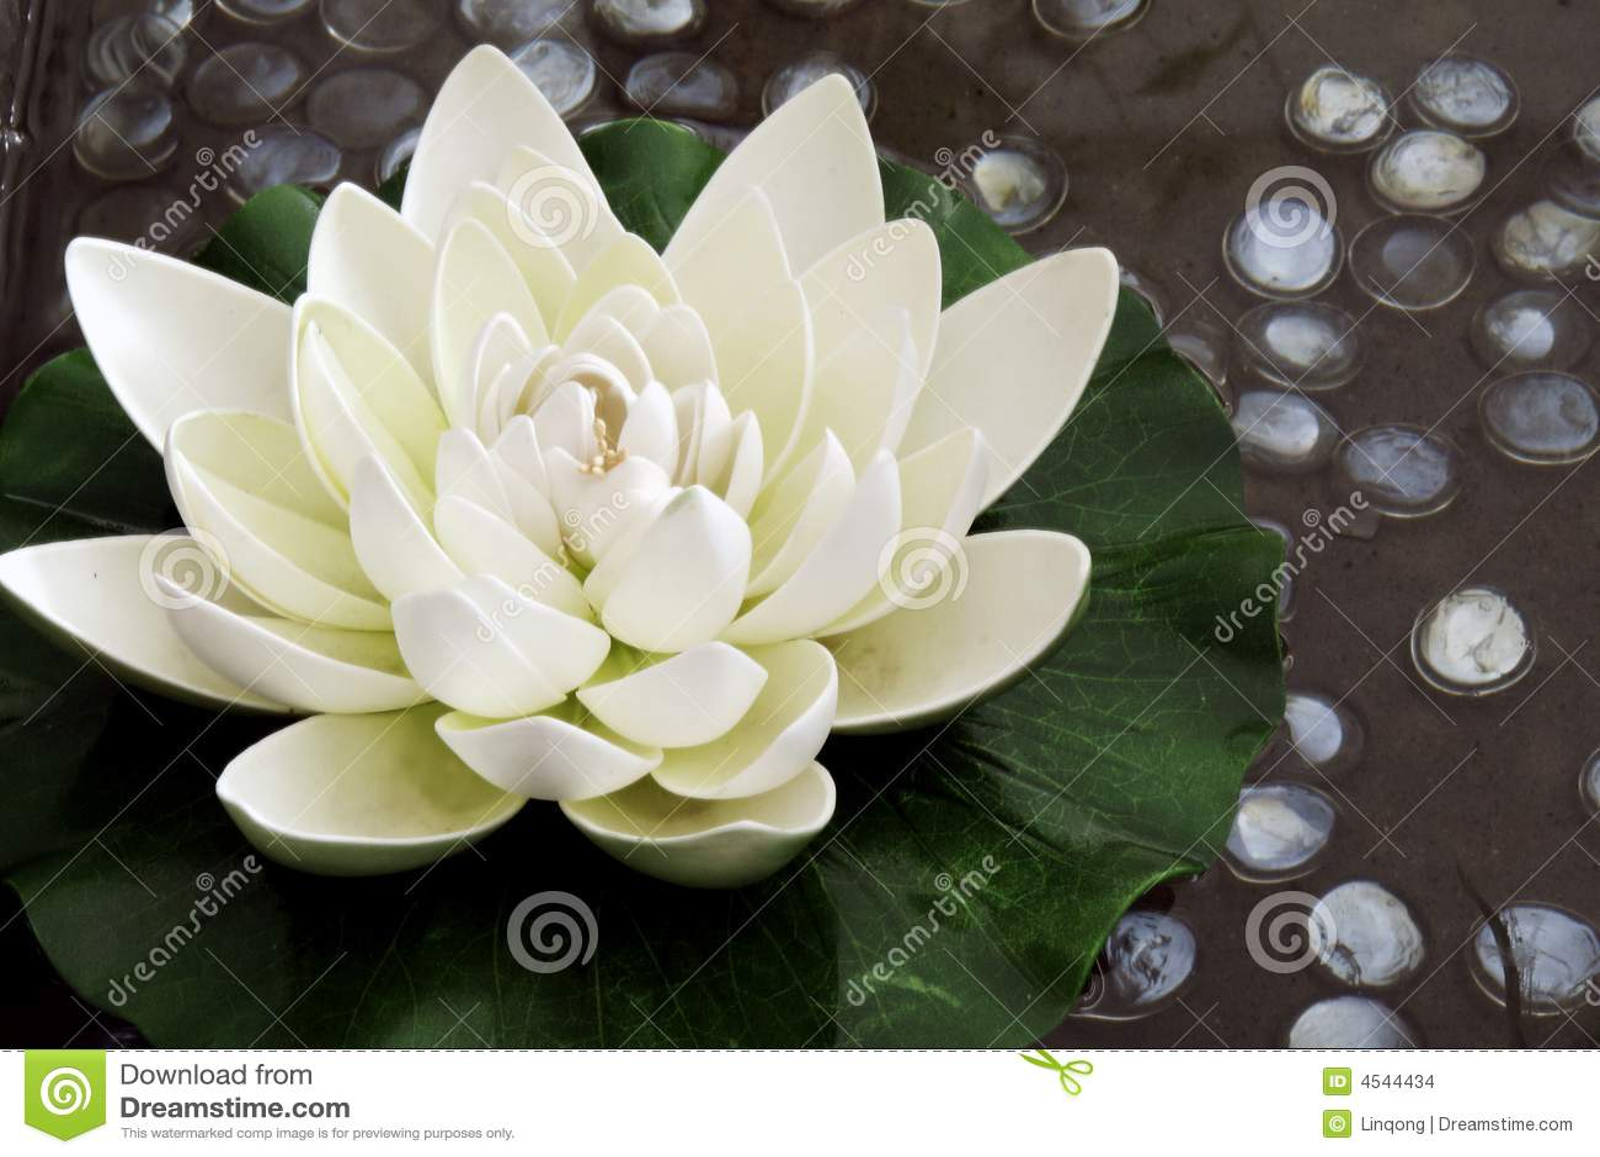 Sztuczne kwiaty lotos